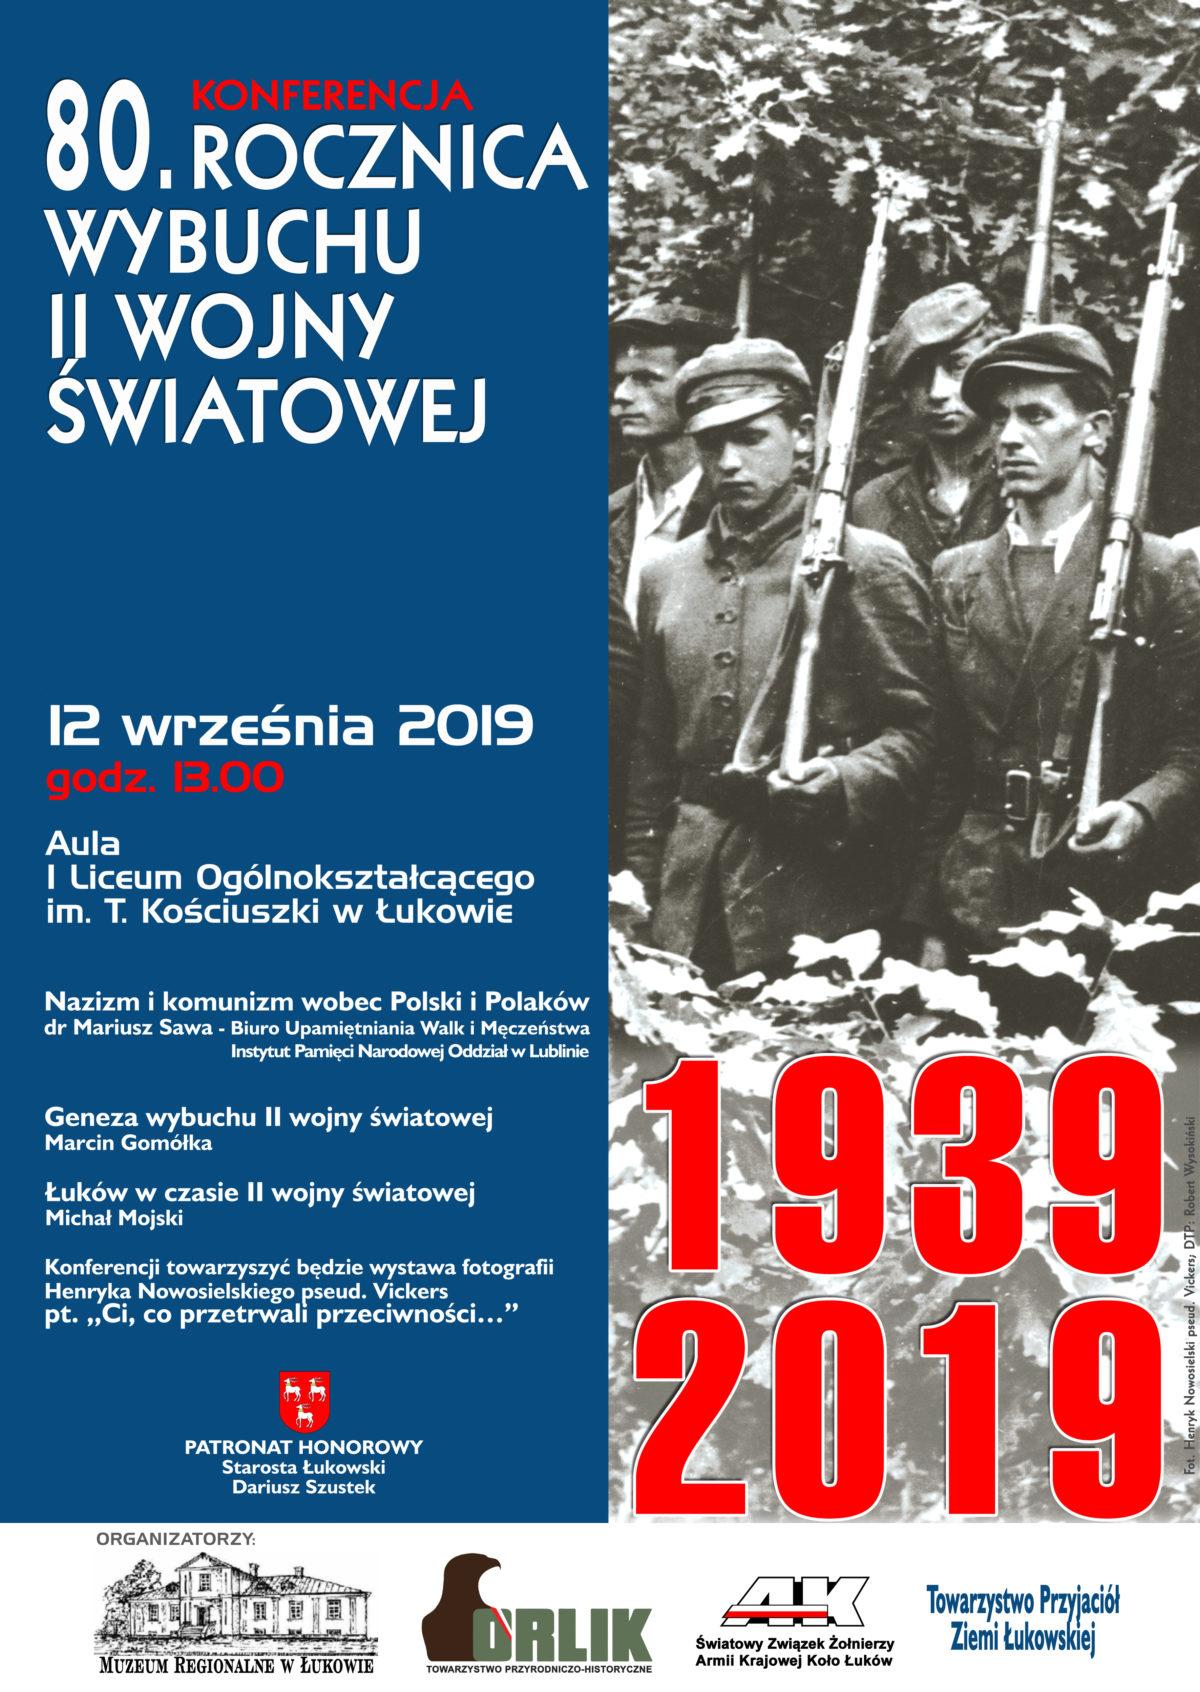 Konferencja historyczna z okazji 80. rocznicy wybuchu II wojny światowej